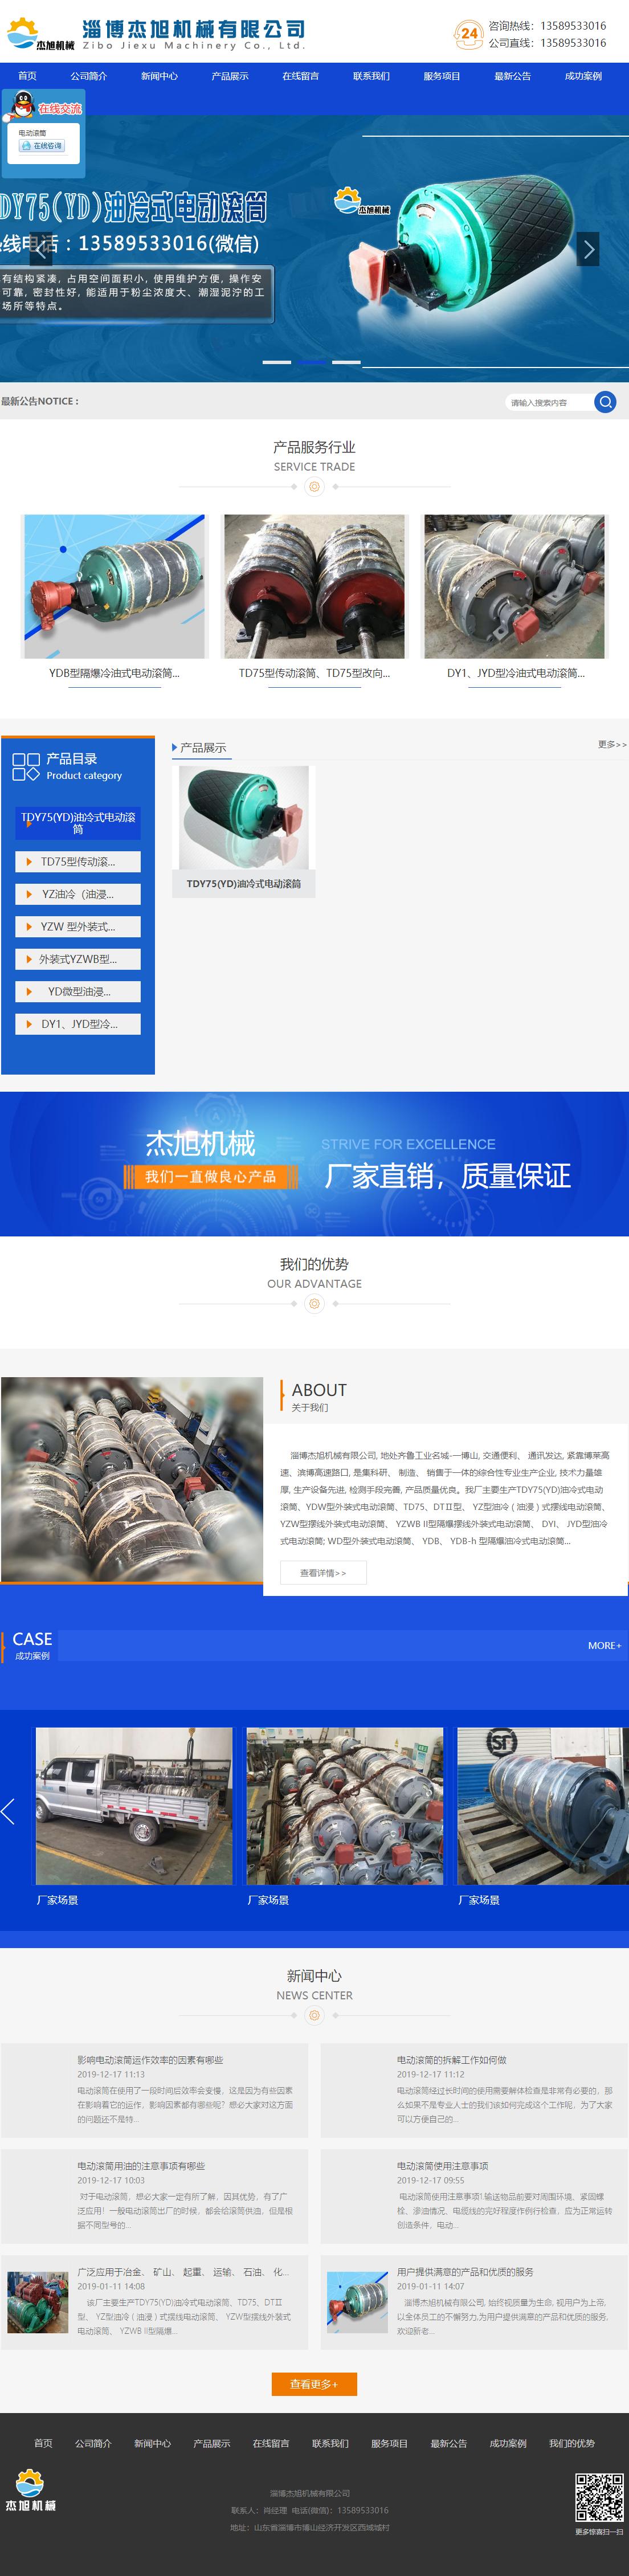 淄博杰旭机械有限公司网站案例